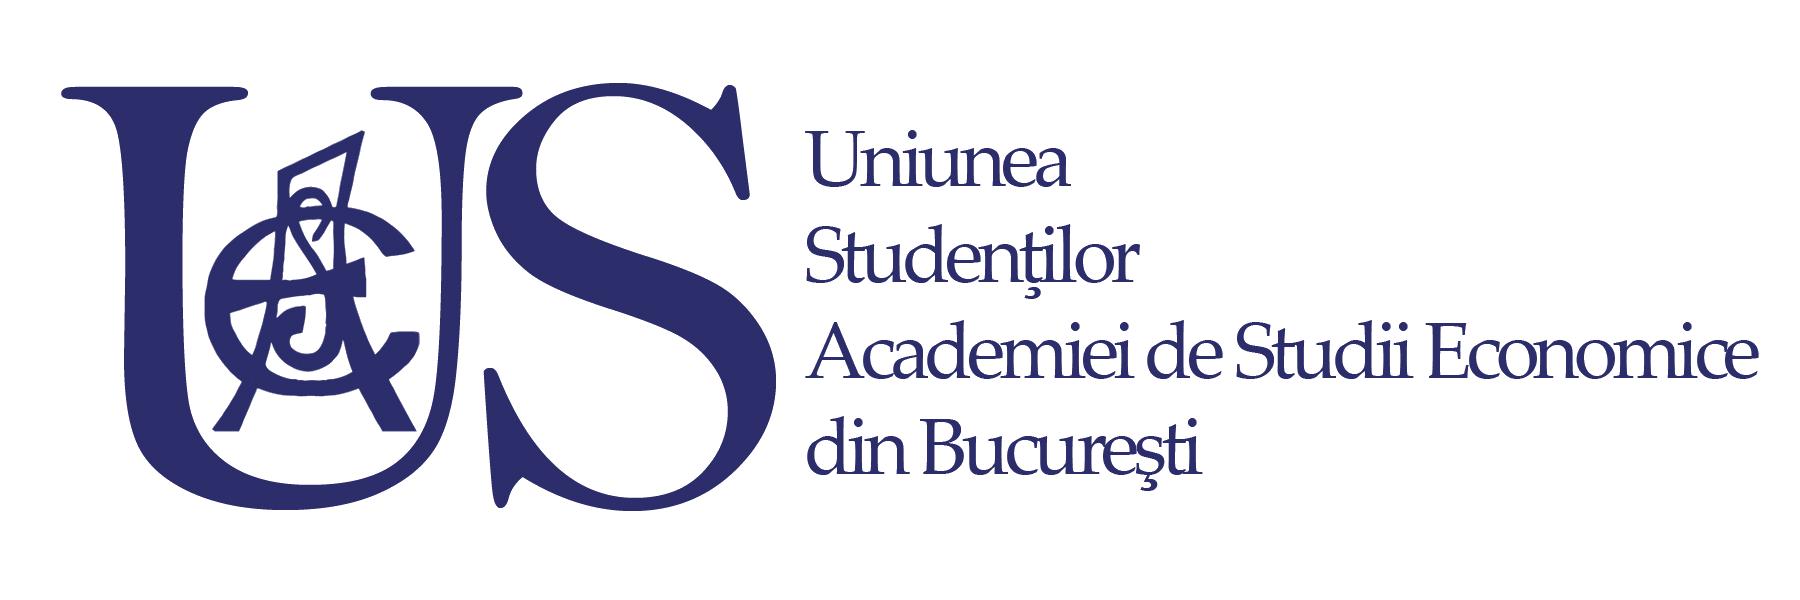 Uniunea Studenților Academiei de Studii Economice din București (USASE)